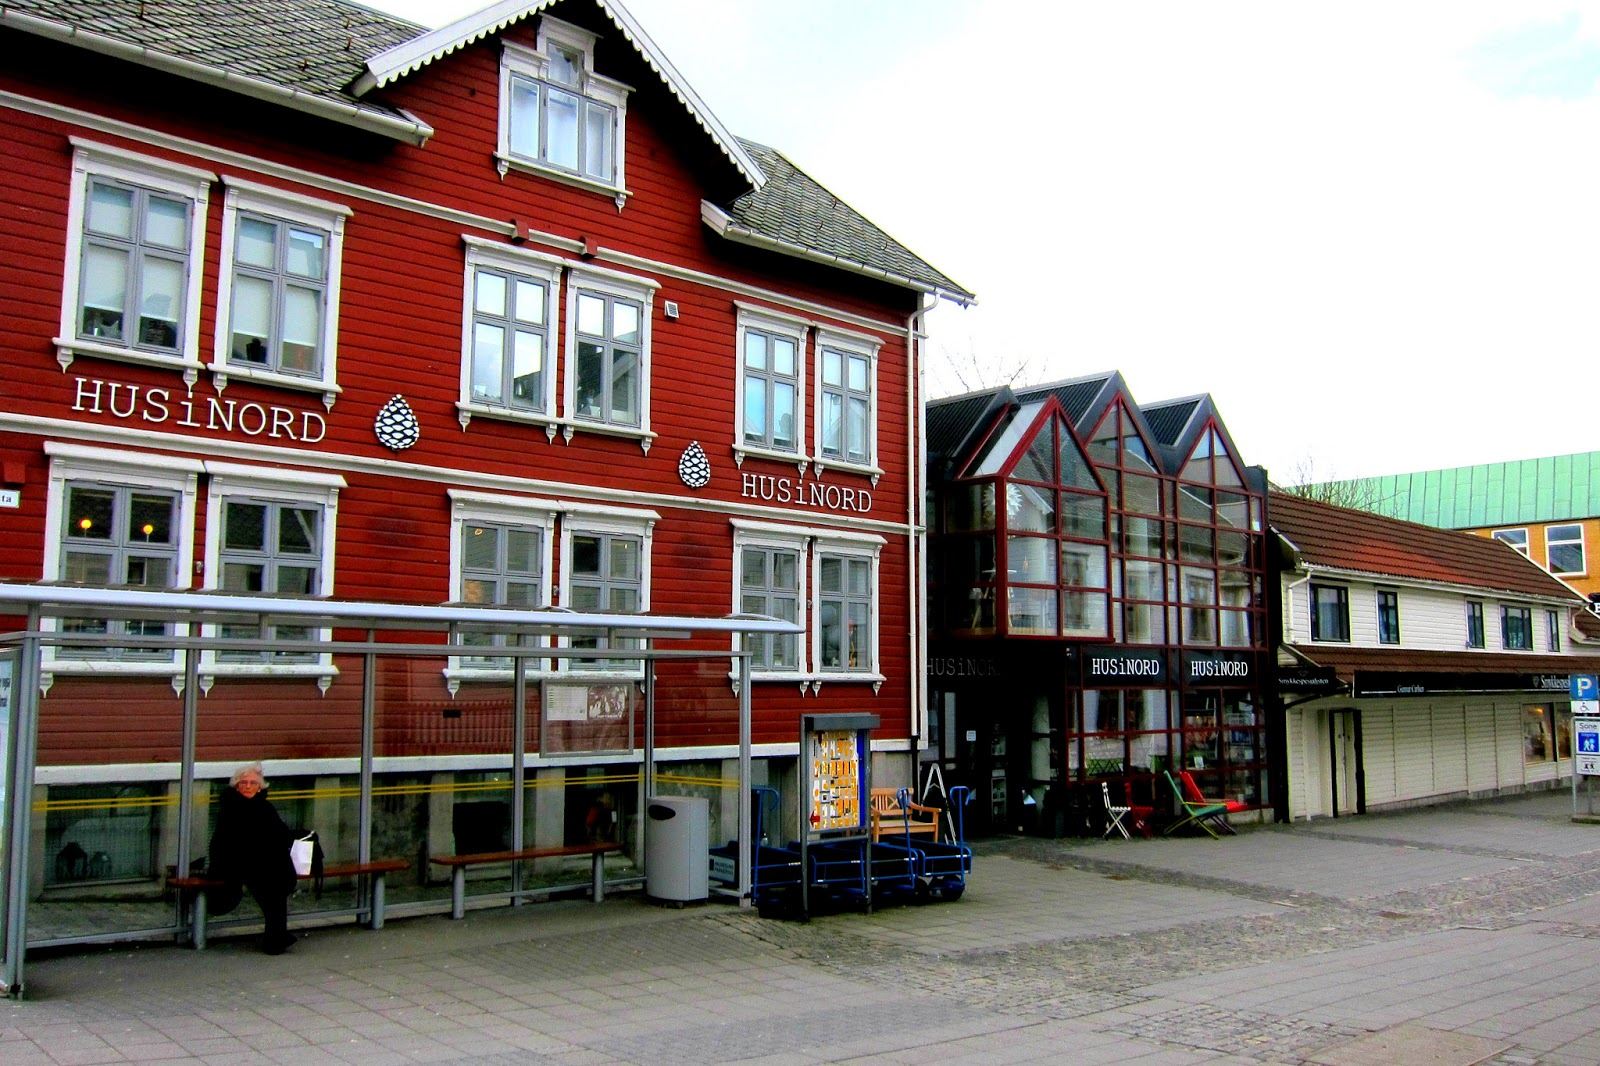 Hus i nord haugesund